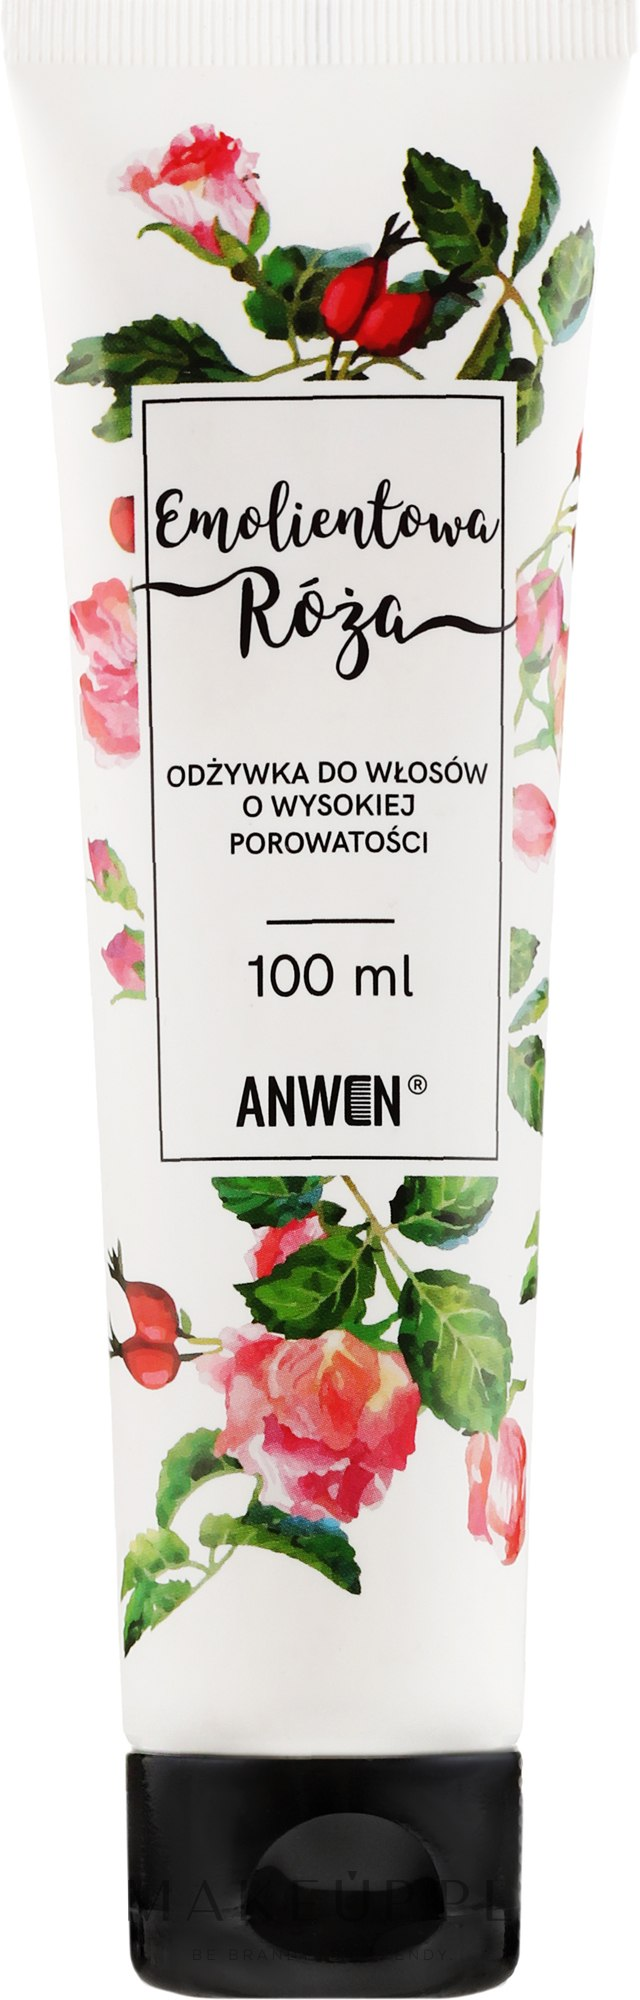 Odżywka do włosów o wysokiej porowatości Emolientowa róża - Anwen — фото 100 ml